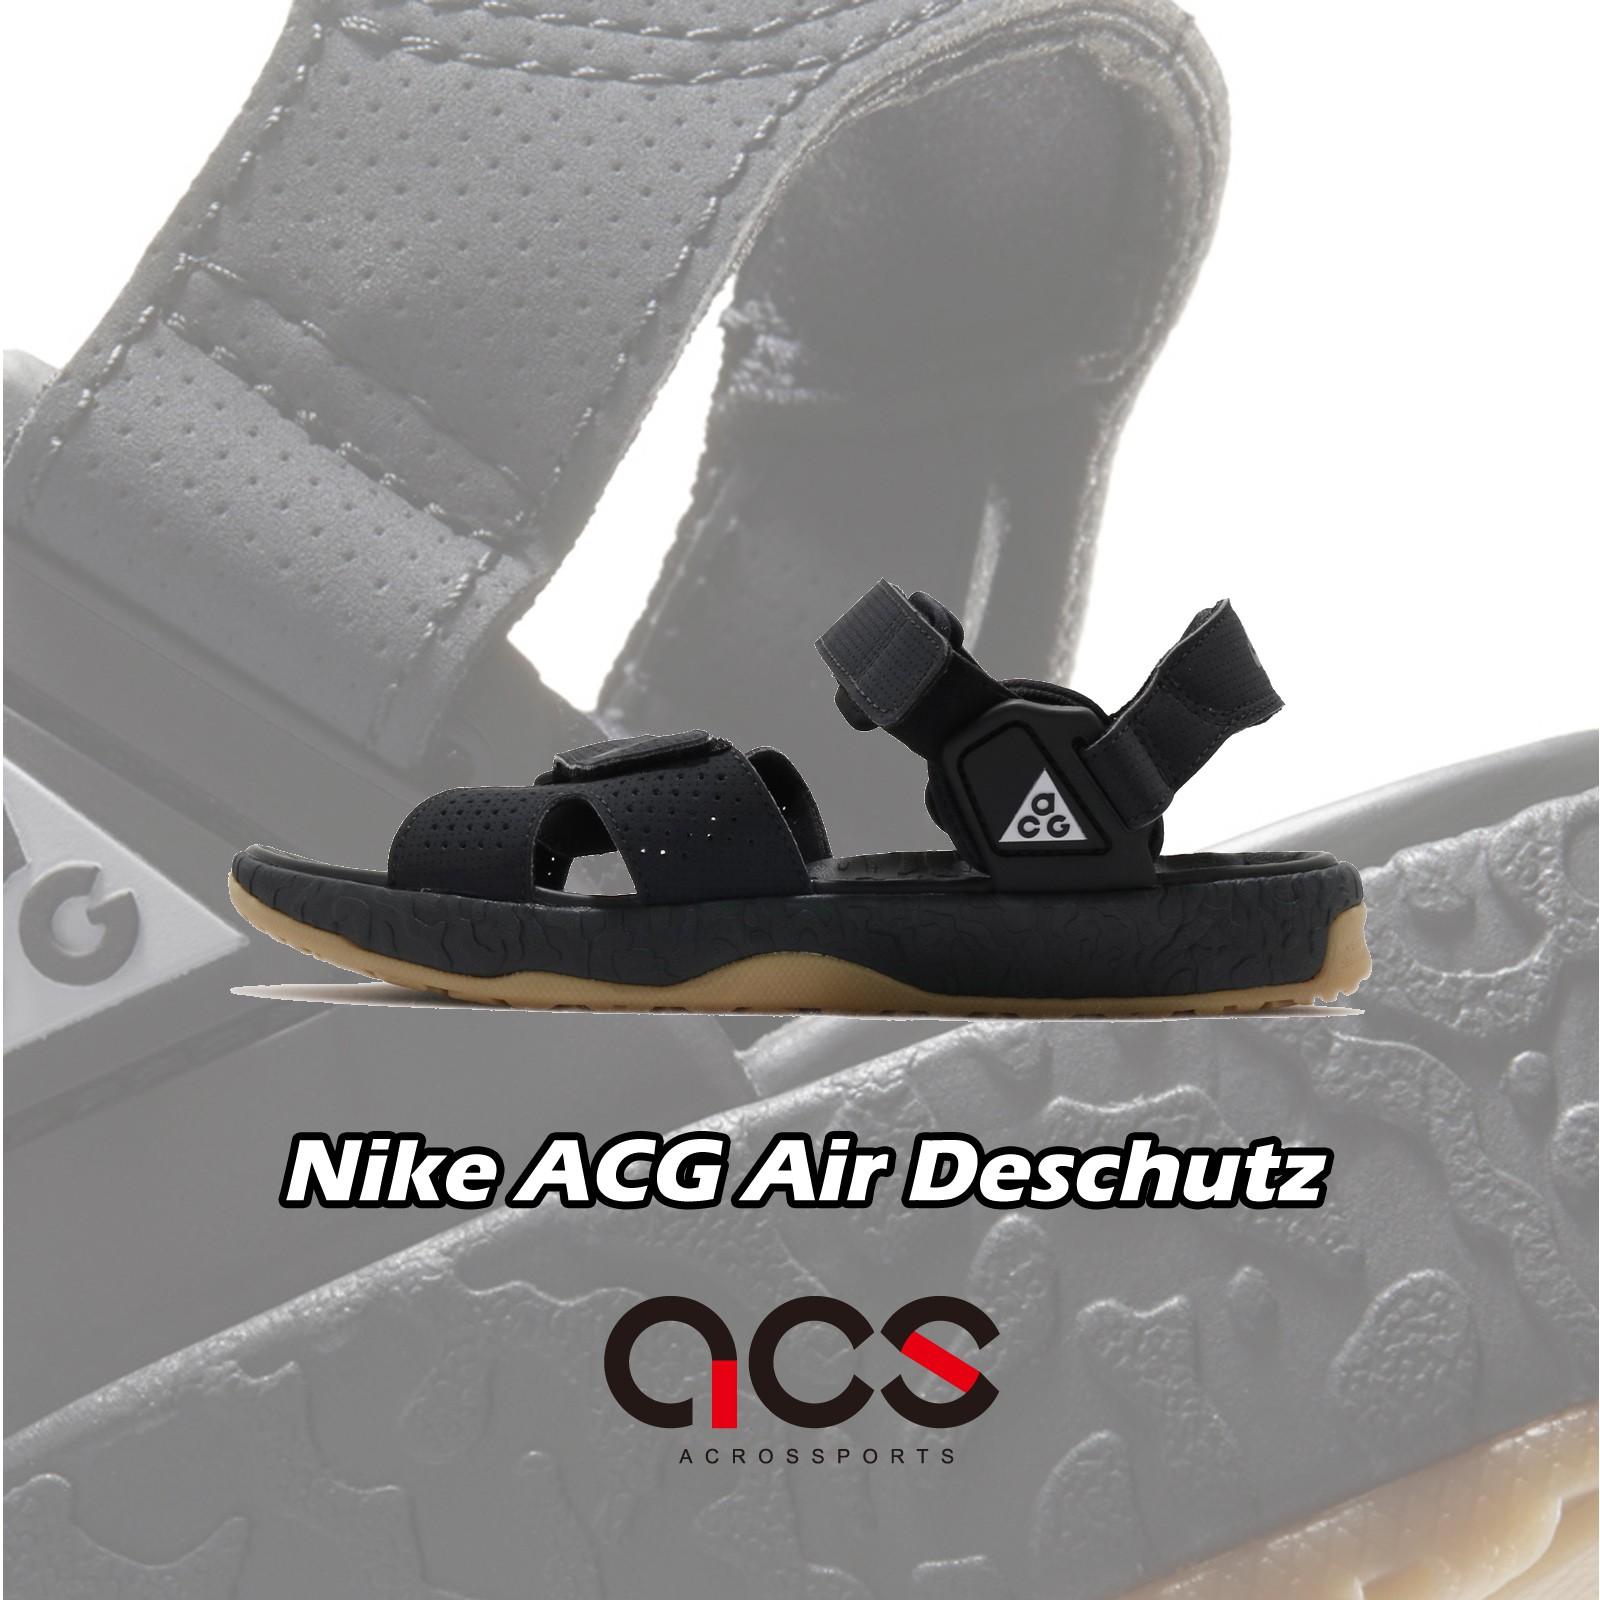 Nike 涼鞋 ACG Deschutz 黑 膠底 戶外風格 魔鬼氈綁帶 男鞋 女鞋 【ACS】 CT3303-001